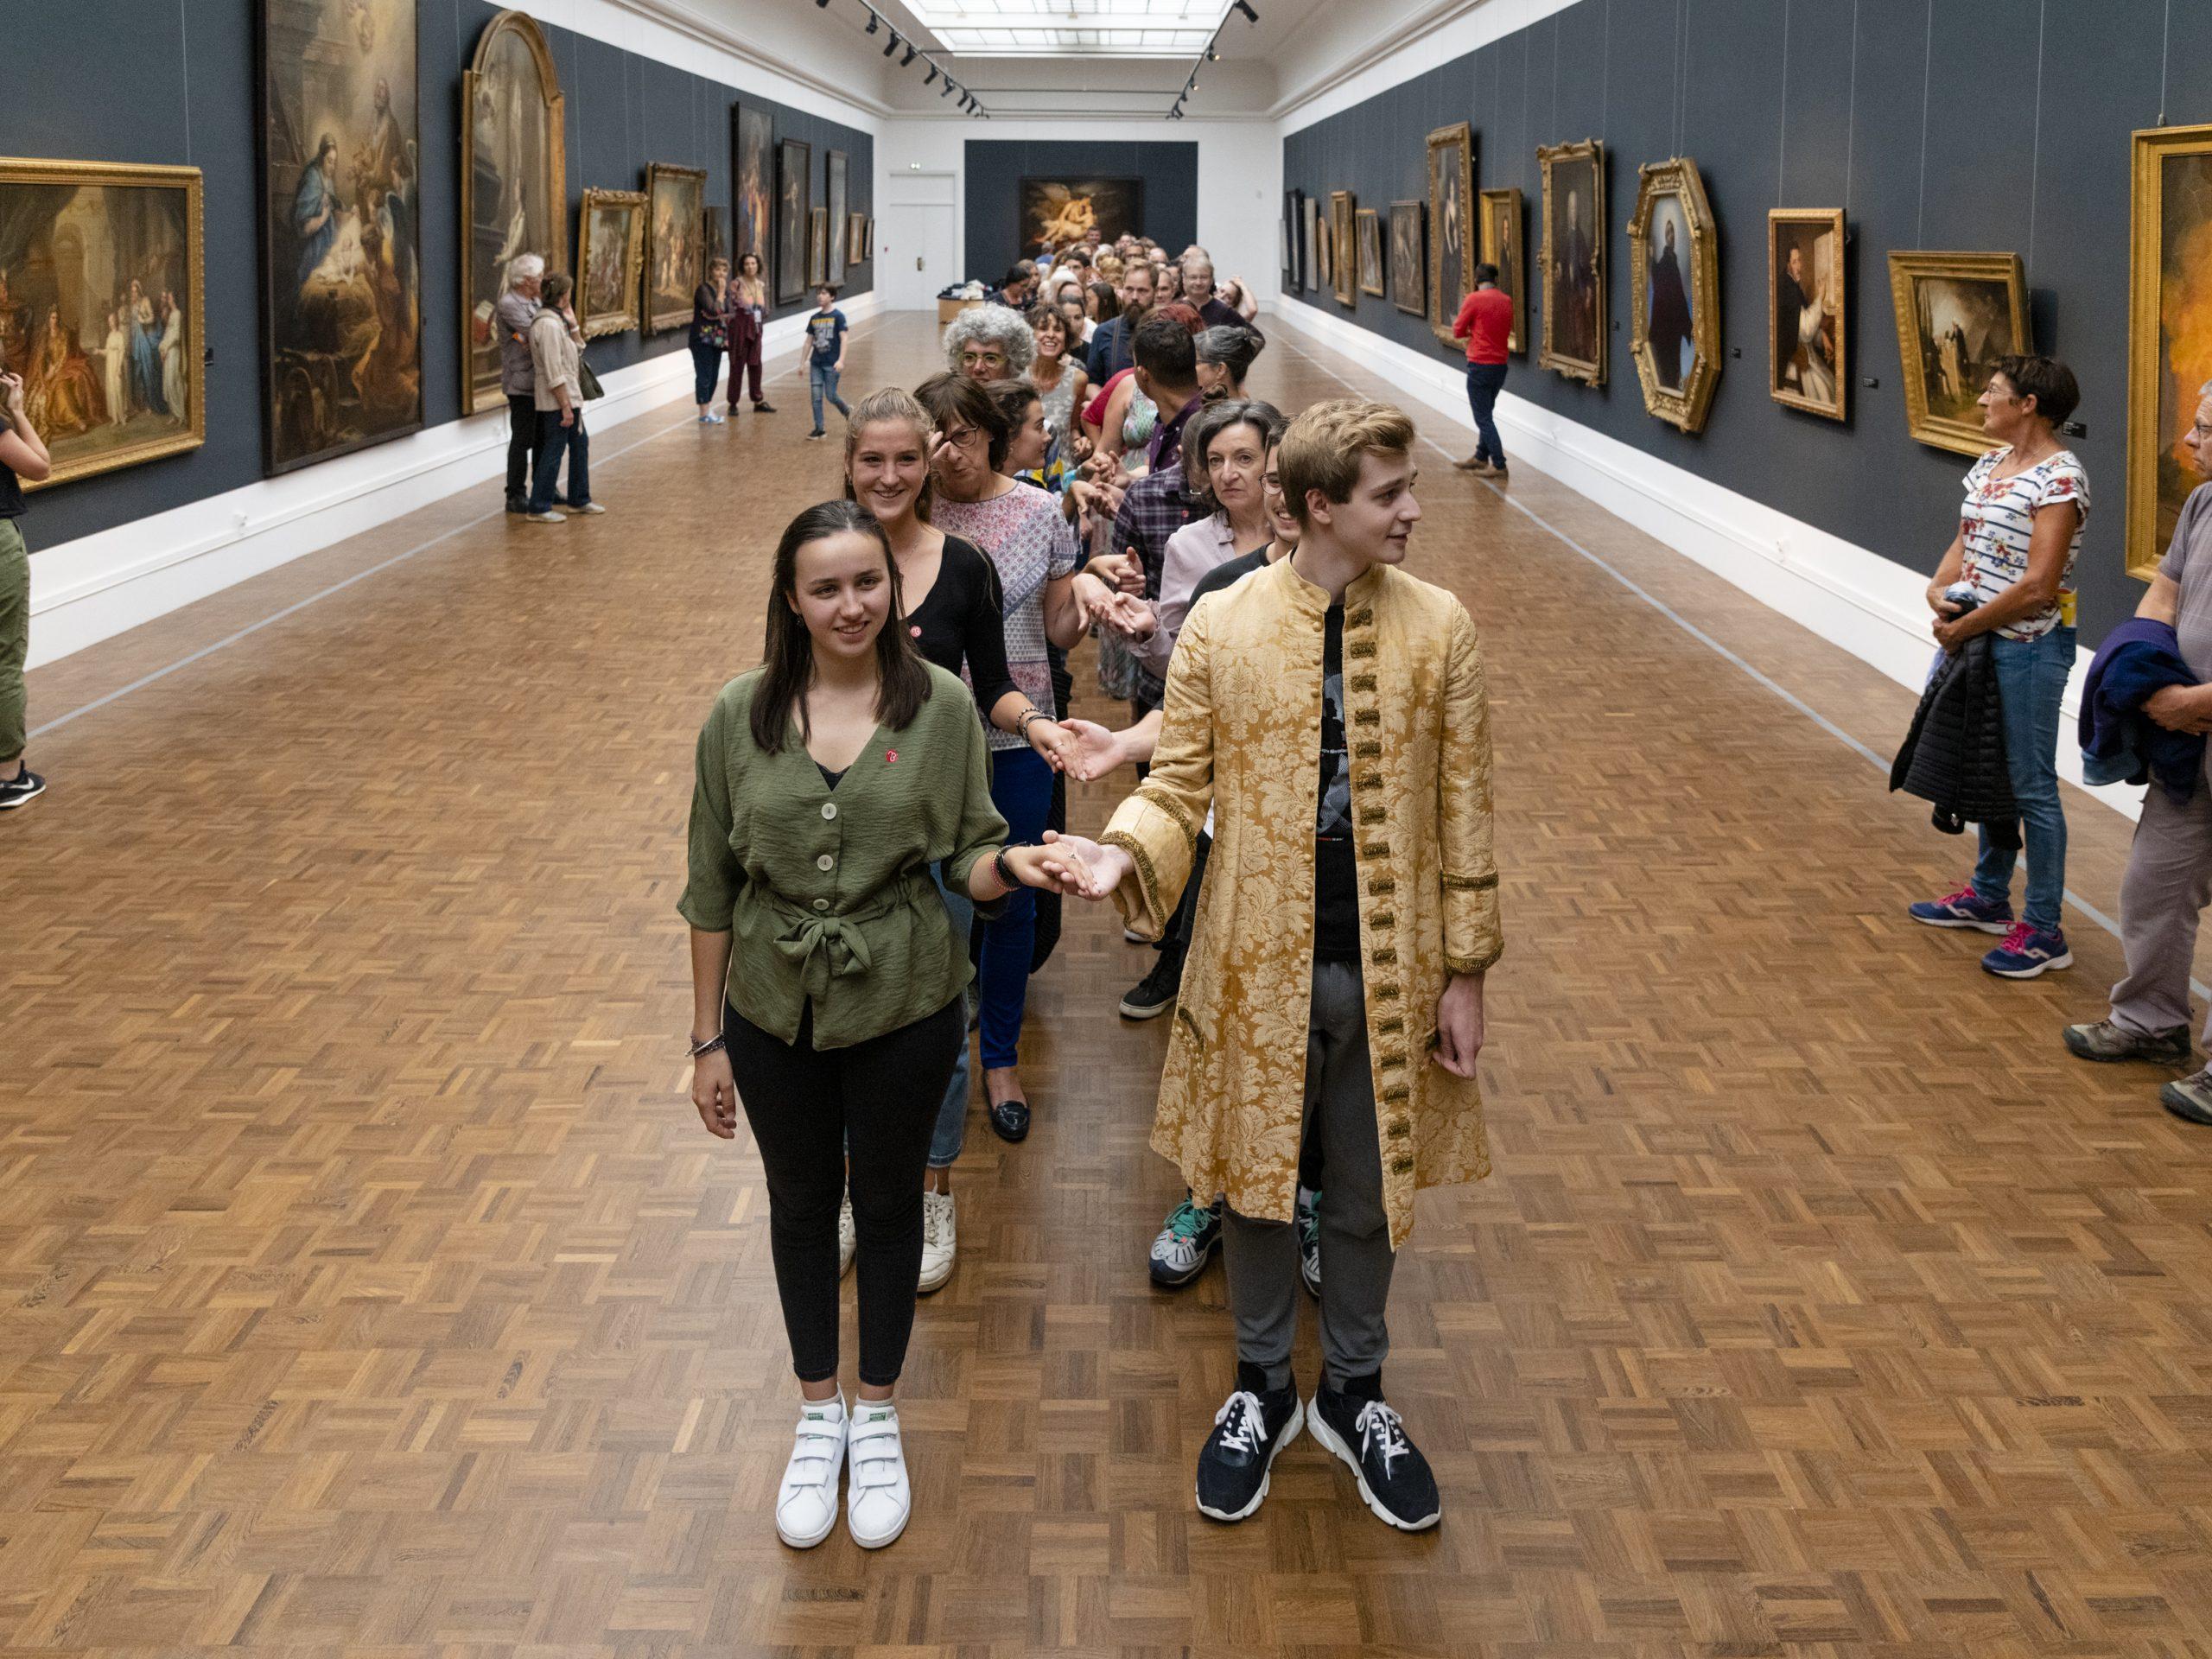 Bal baroque au musée des beaux-arts